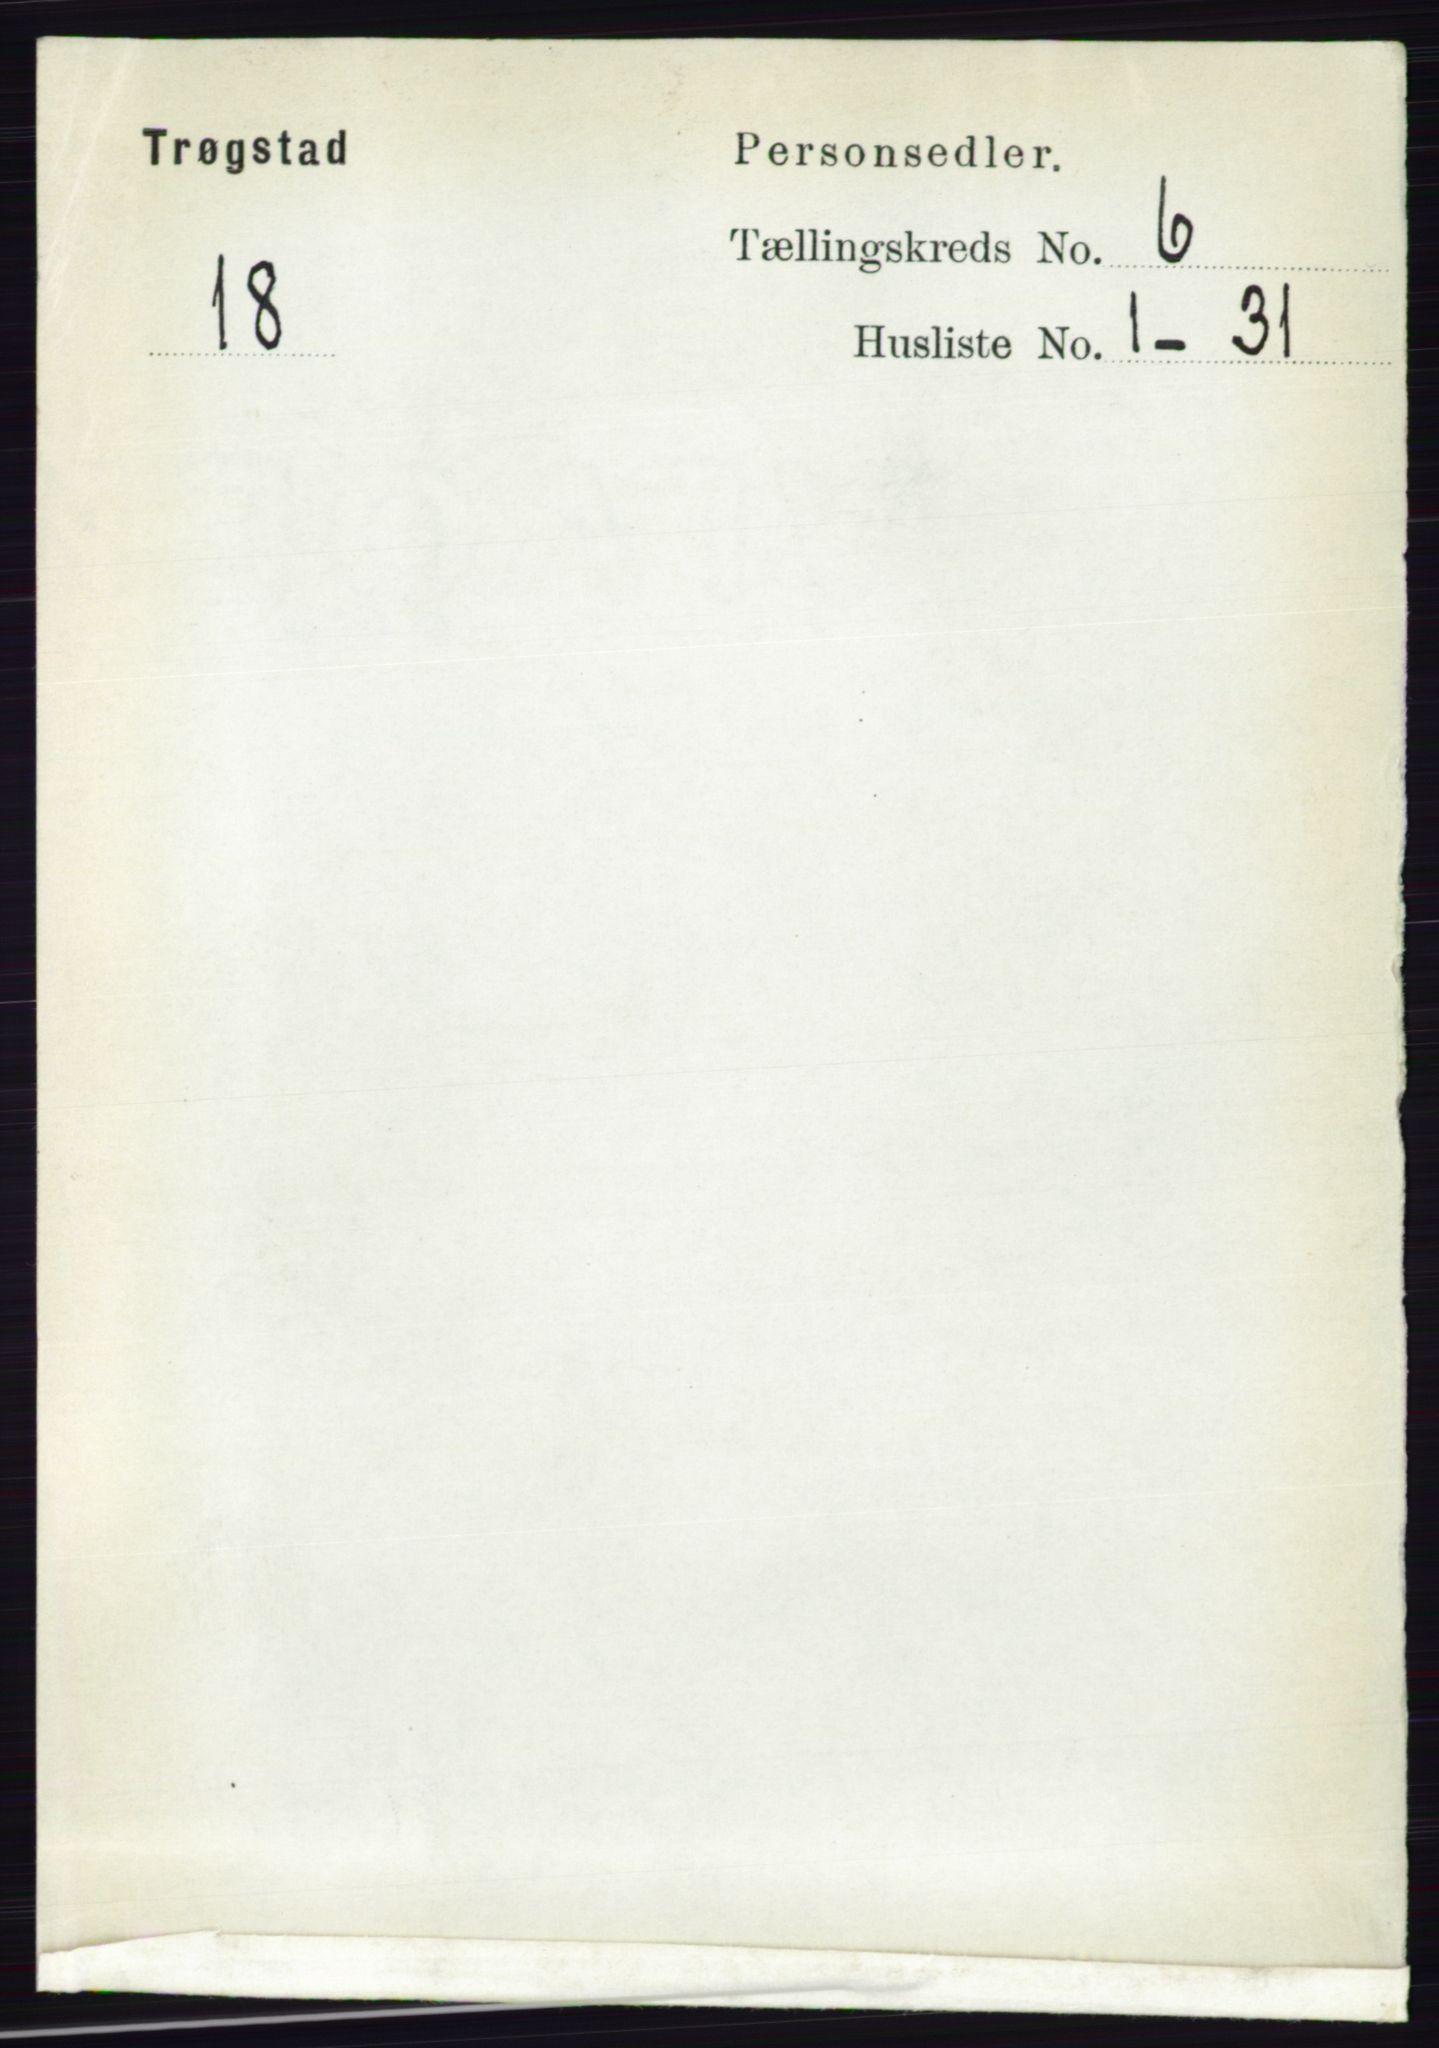 RA, Folketelling 1891 for 0122 Trøgstad herred, 1891, s. 2488